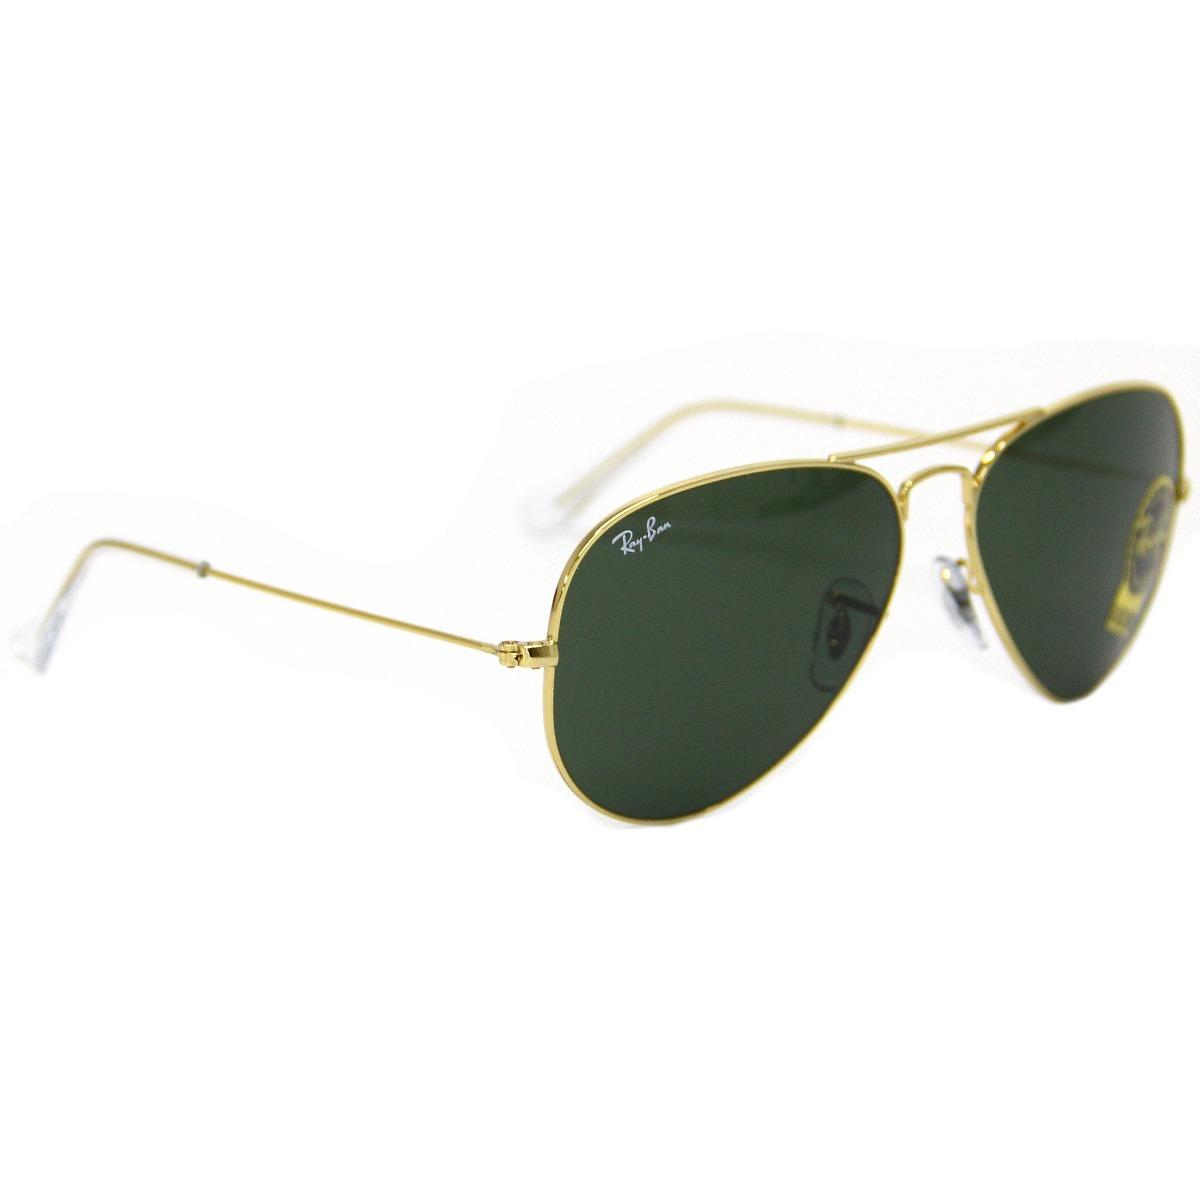 015bd0891 óculos de sol feminino ray ban 3025 aviador tam. 58 original. Carregando  zoom.